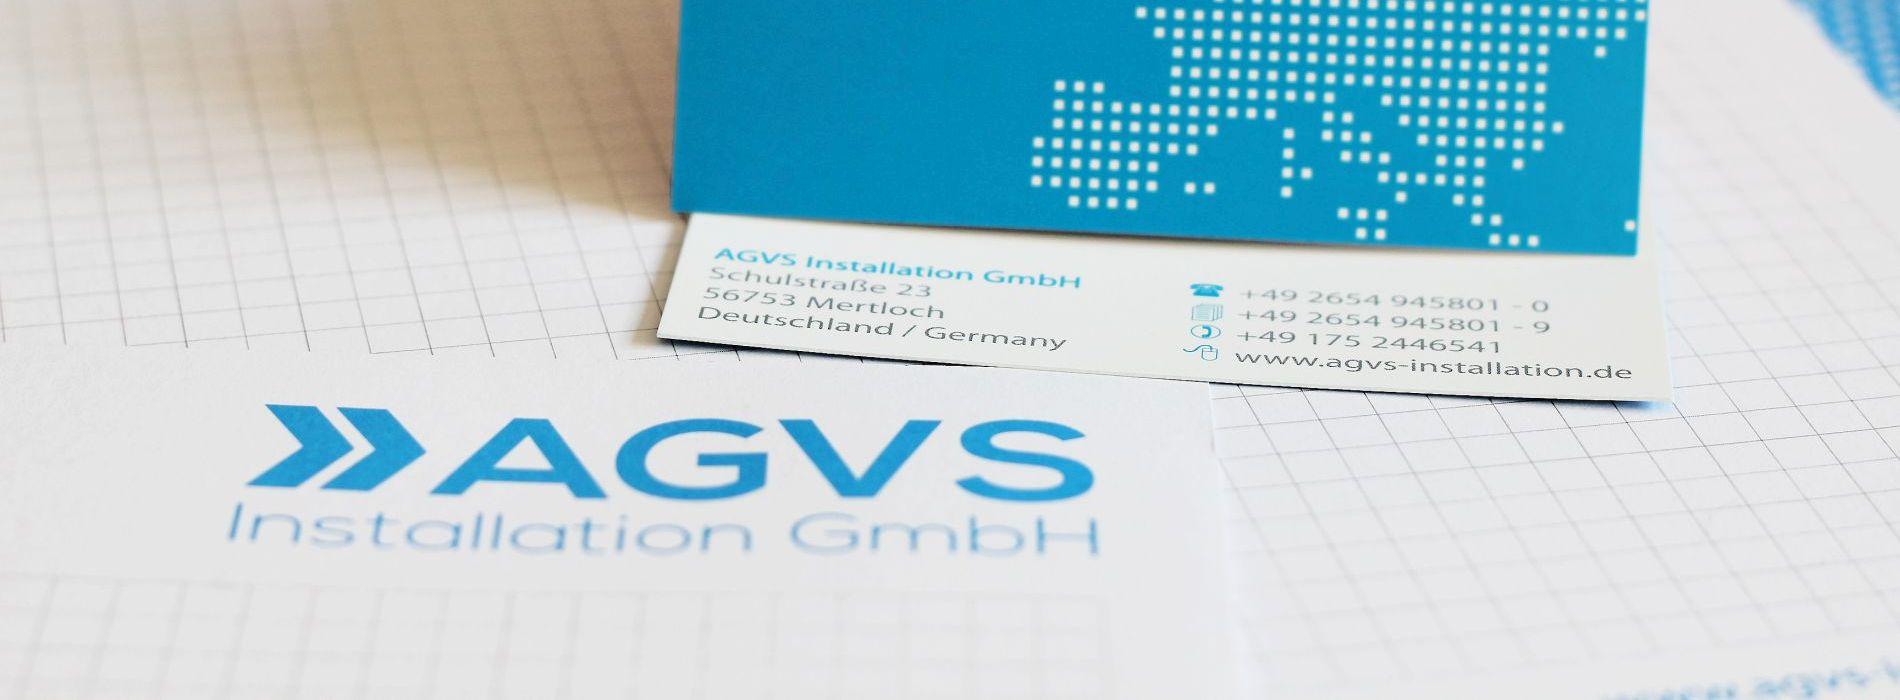 agvs_header_logo2